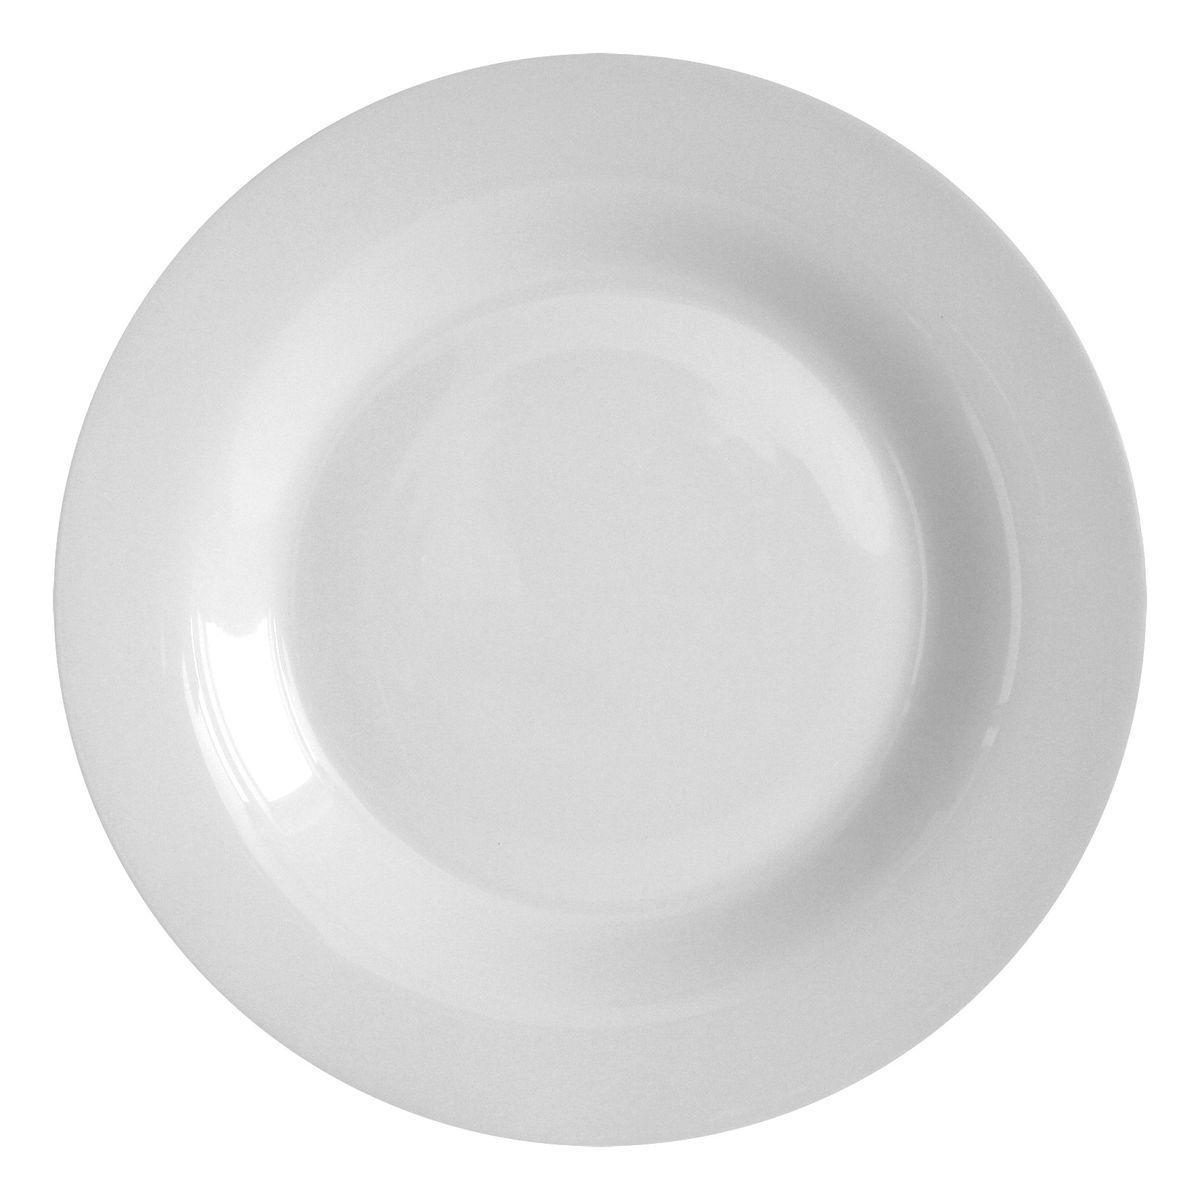 Тарелка десертная Luminarc Olax, диаметр 20 см729006 3123Тарелка десертная Luminarc Olax изготовлена из ударопрочного стекла.Устойчива к повреждениям при ежедневном использовании и выдерживает перепады температуры до 130°С. Можно использовать в СВЧ-печи и мыть в посудомоечной машине. Диаметр тарелки: 20 см.